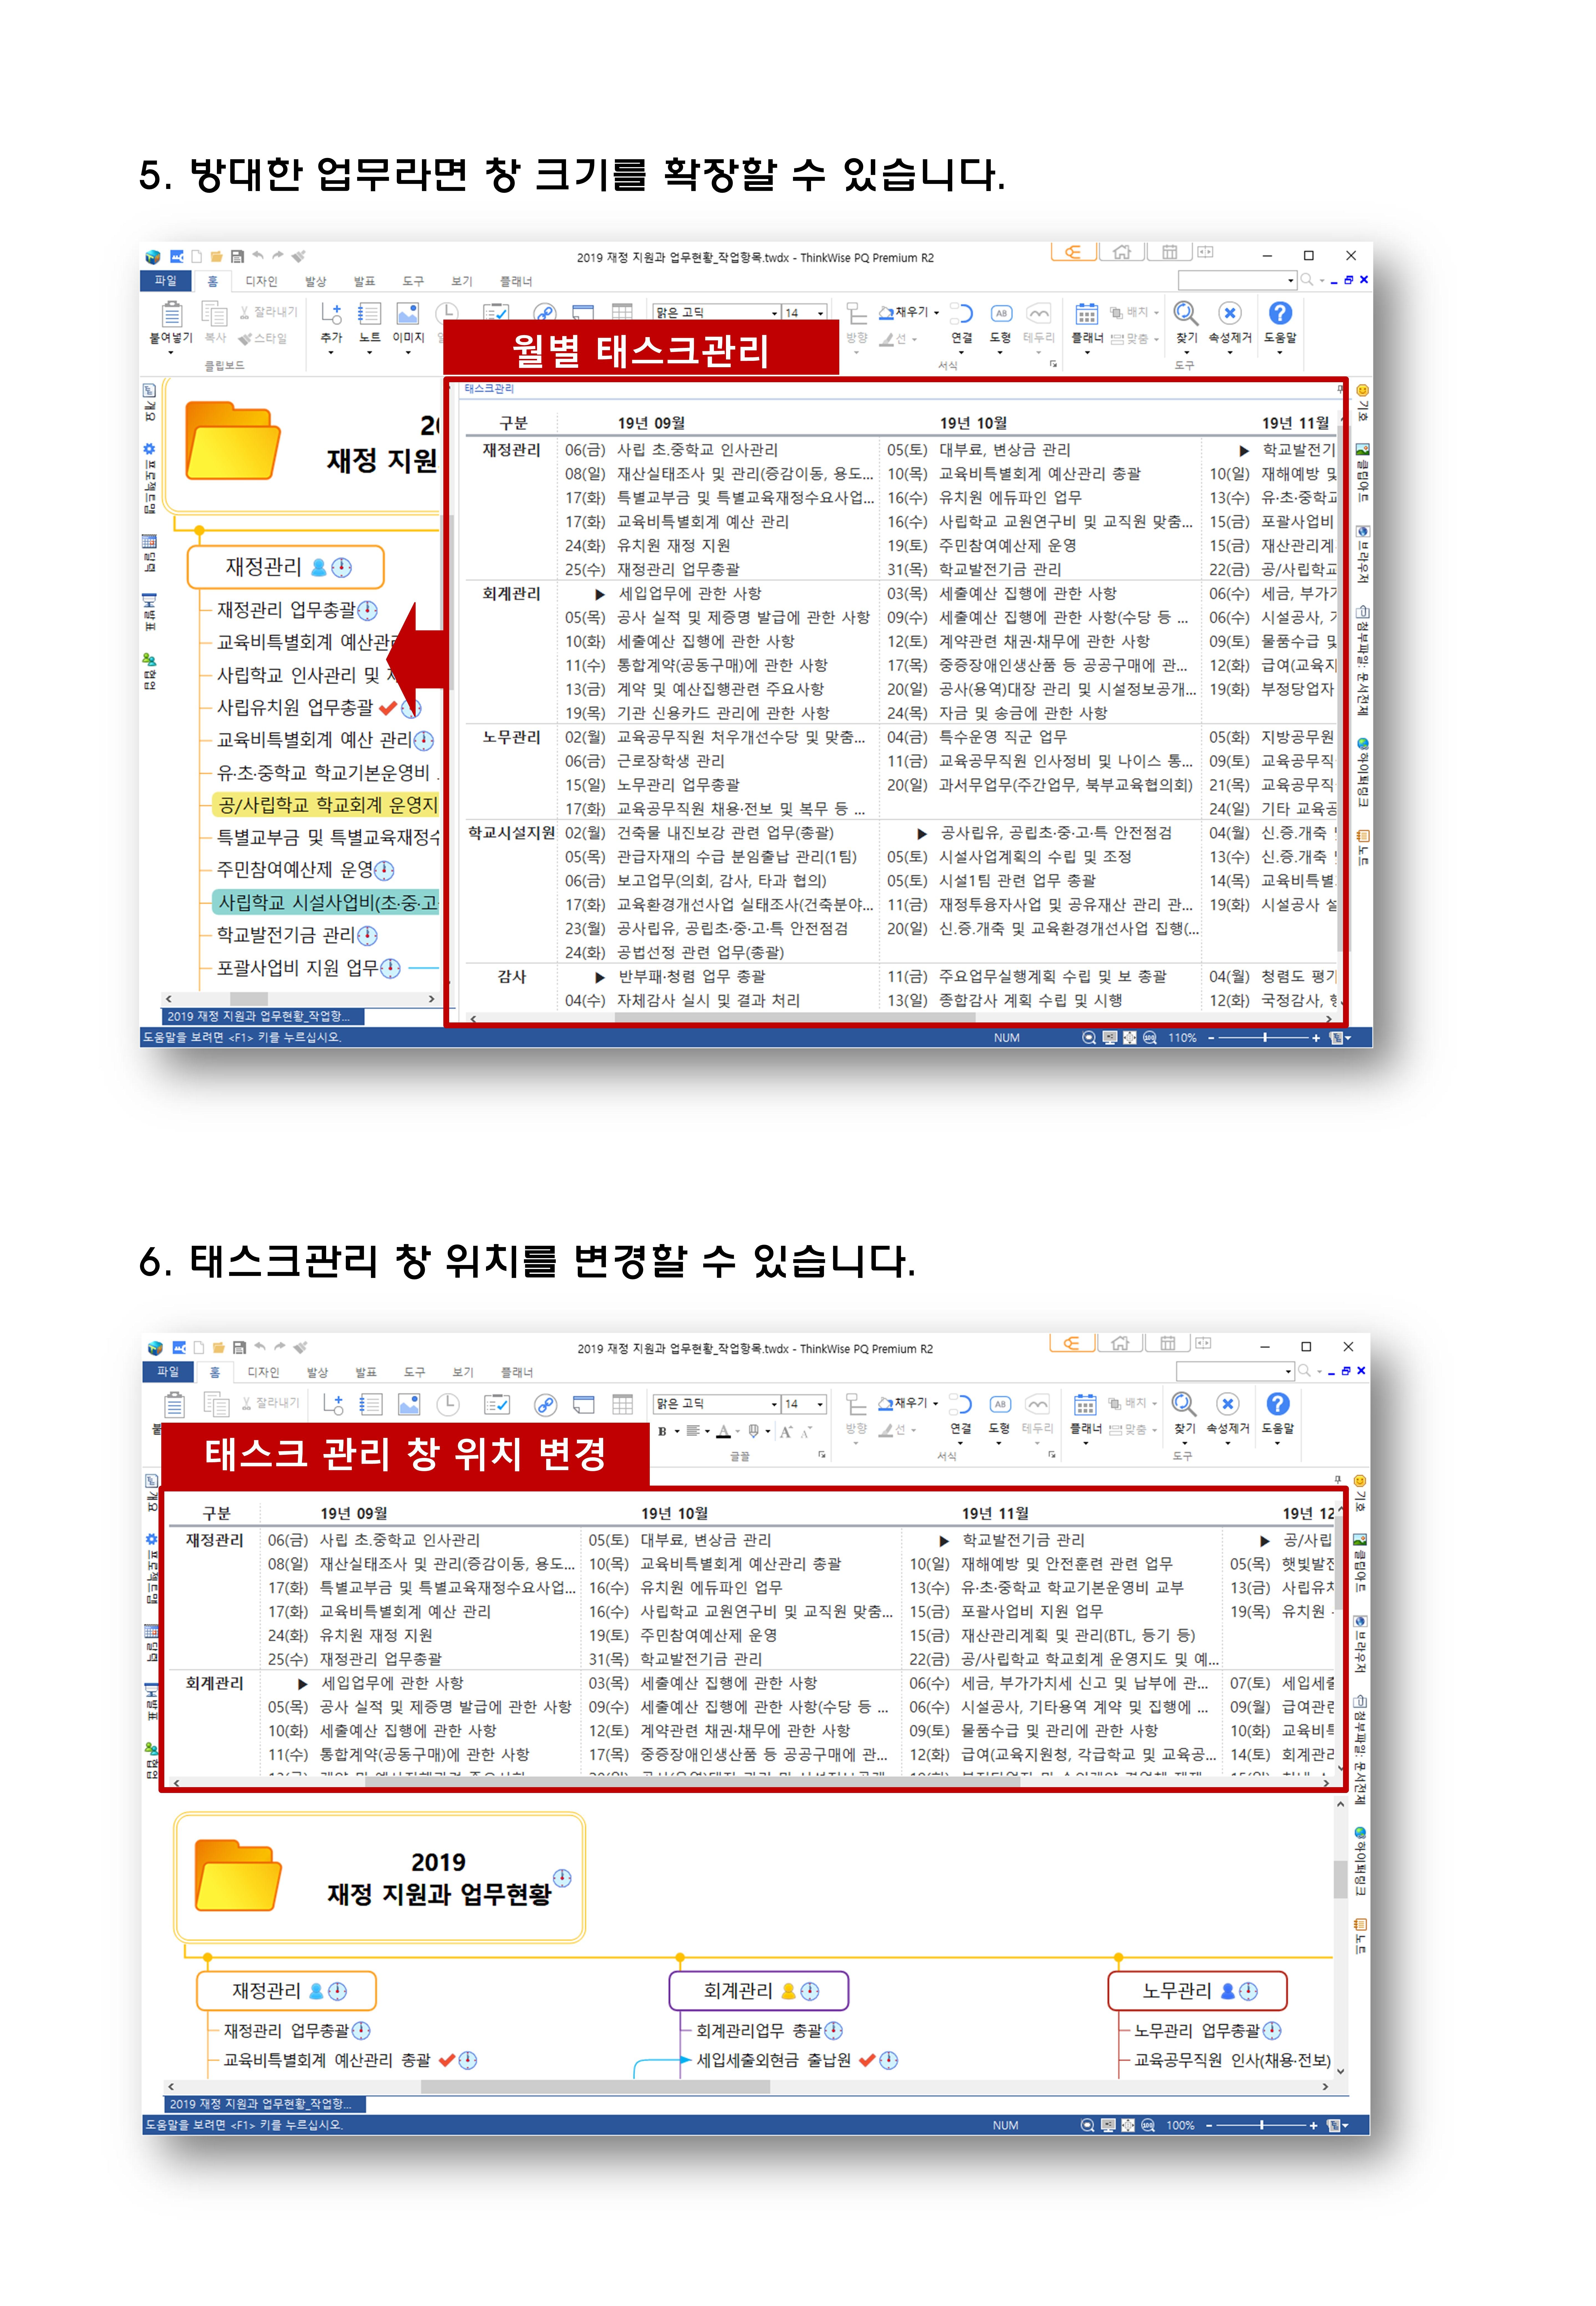 테스크 관리 소개4